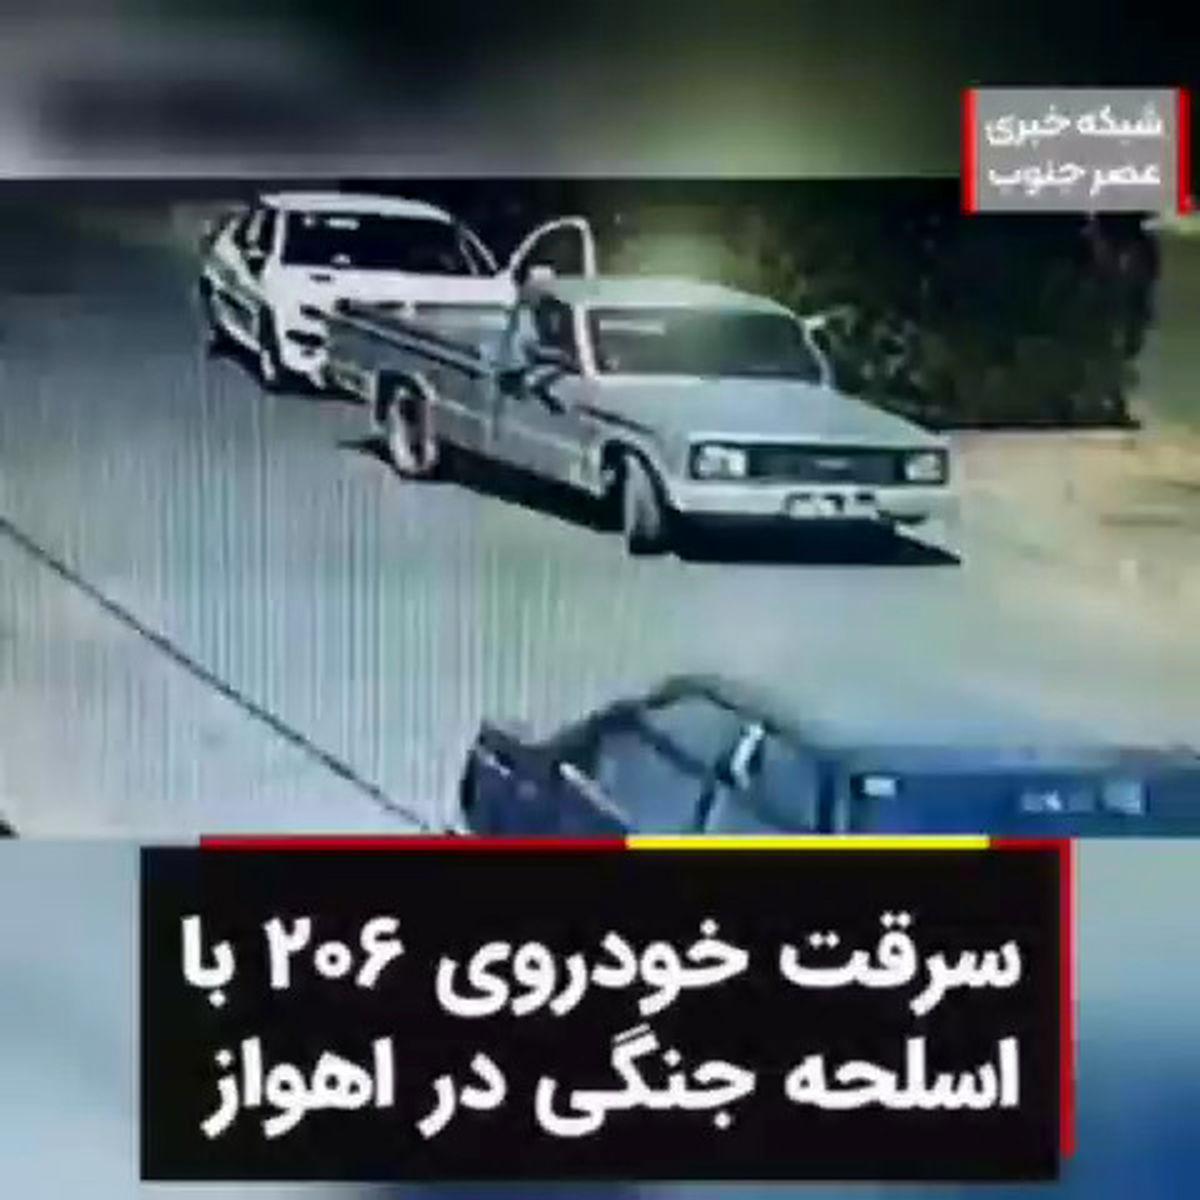 سرقت هولناک خودروی ۲۰۶ با اسلحه جنگی در اهواز +فیلم